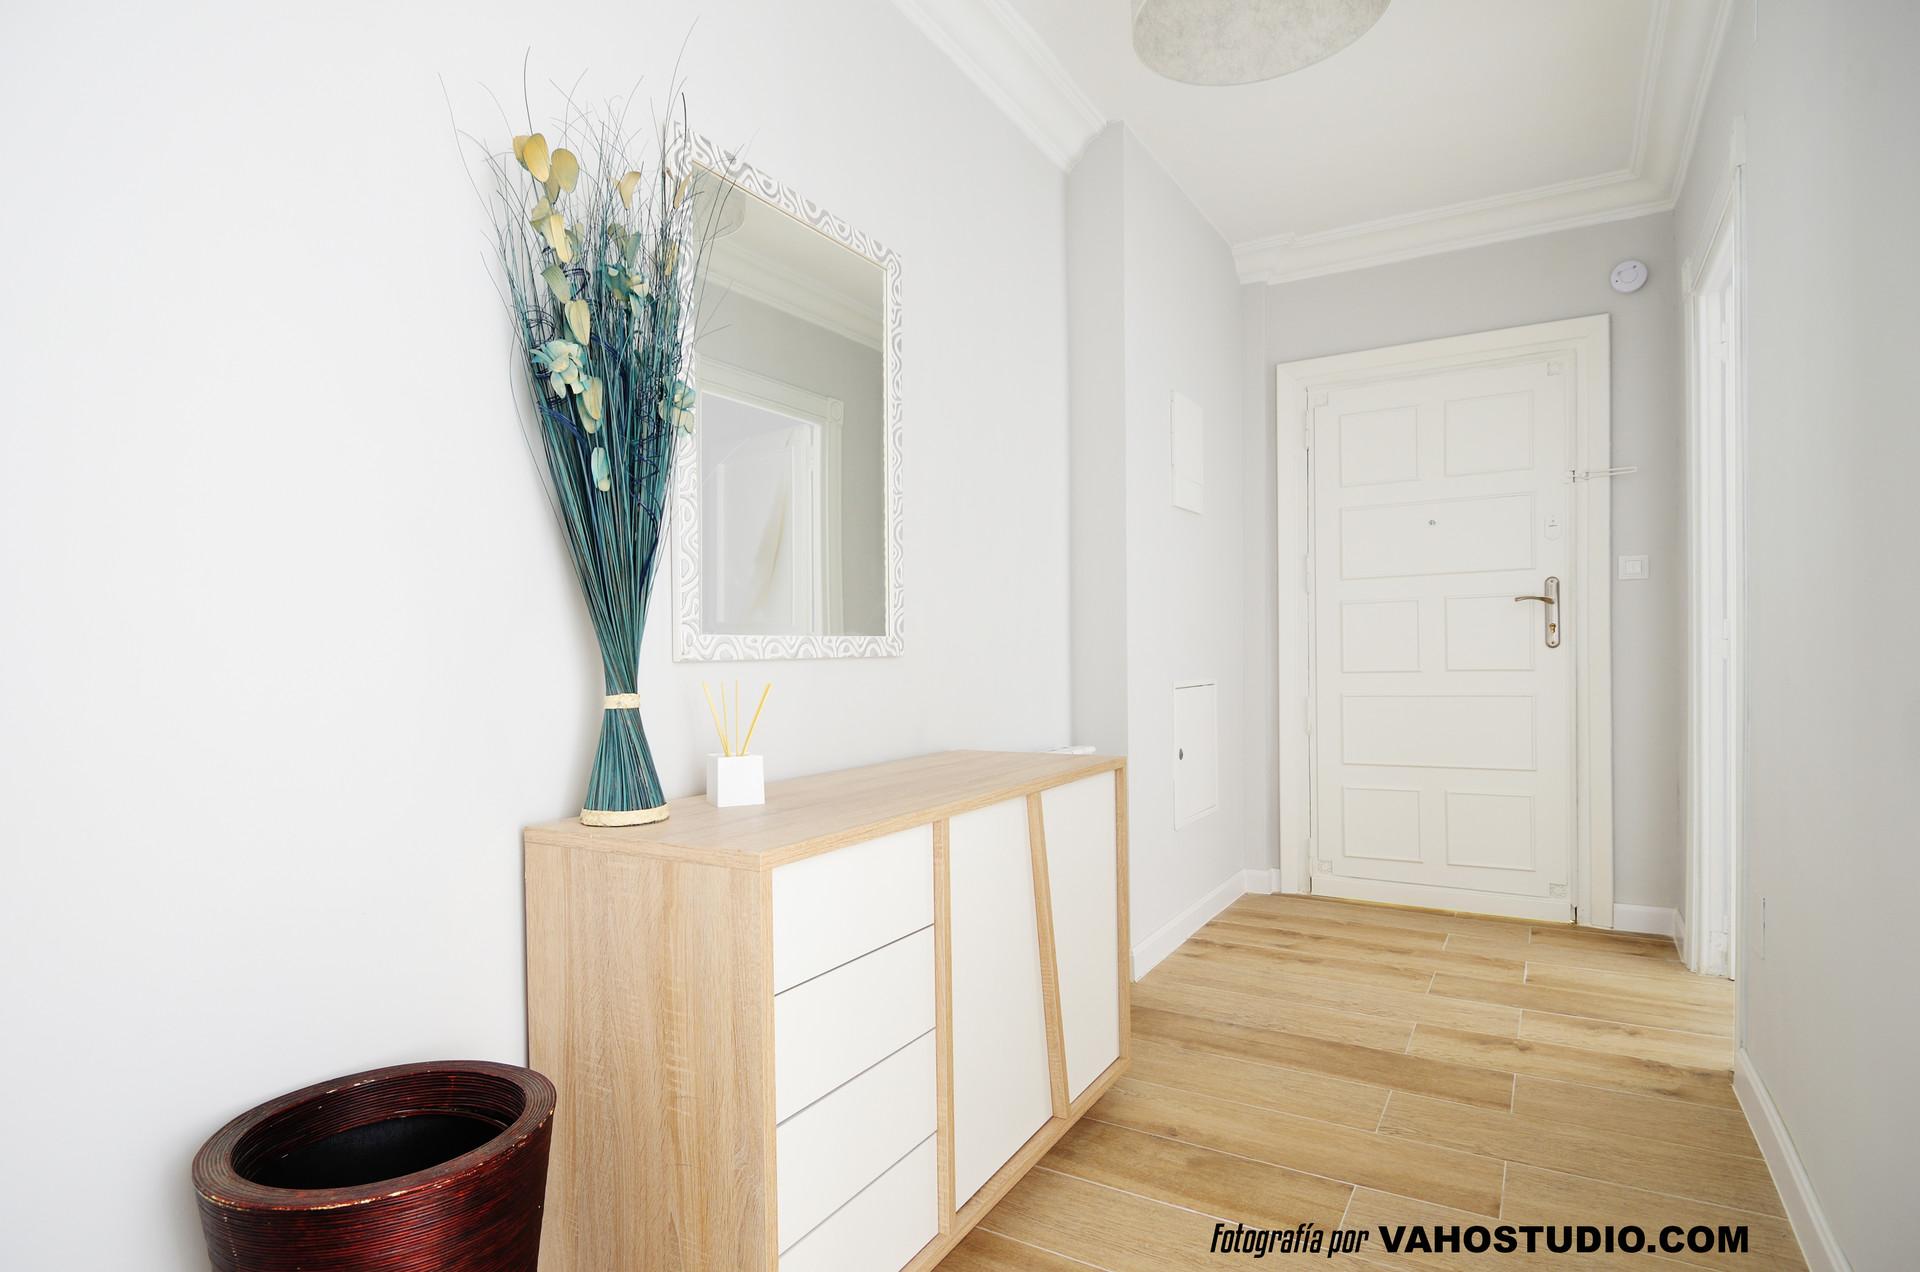 Habitaciones nuevas y confortables en piso de zaragoza for Pisos de bancos zaragoza